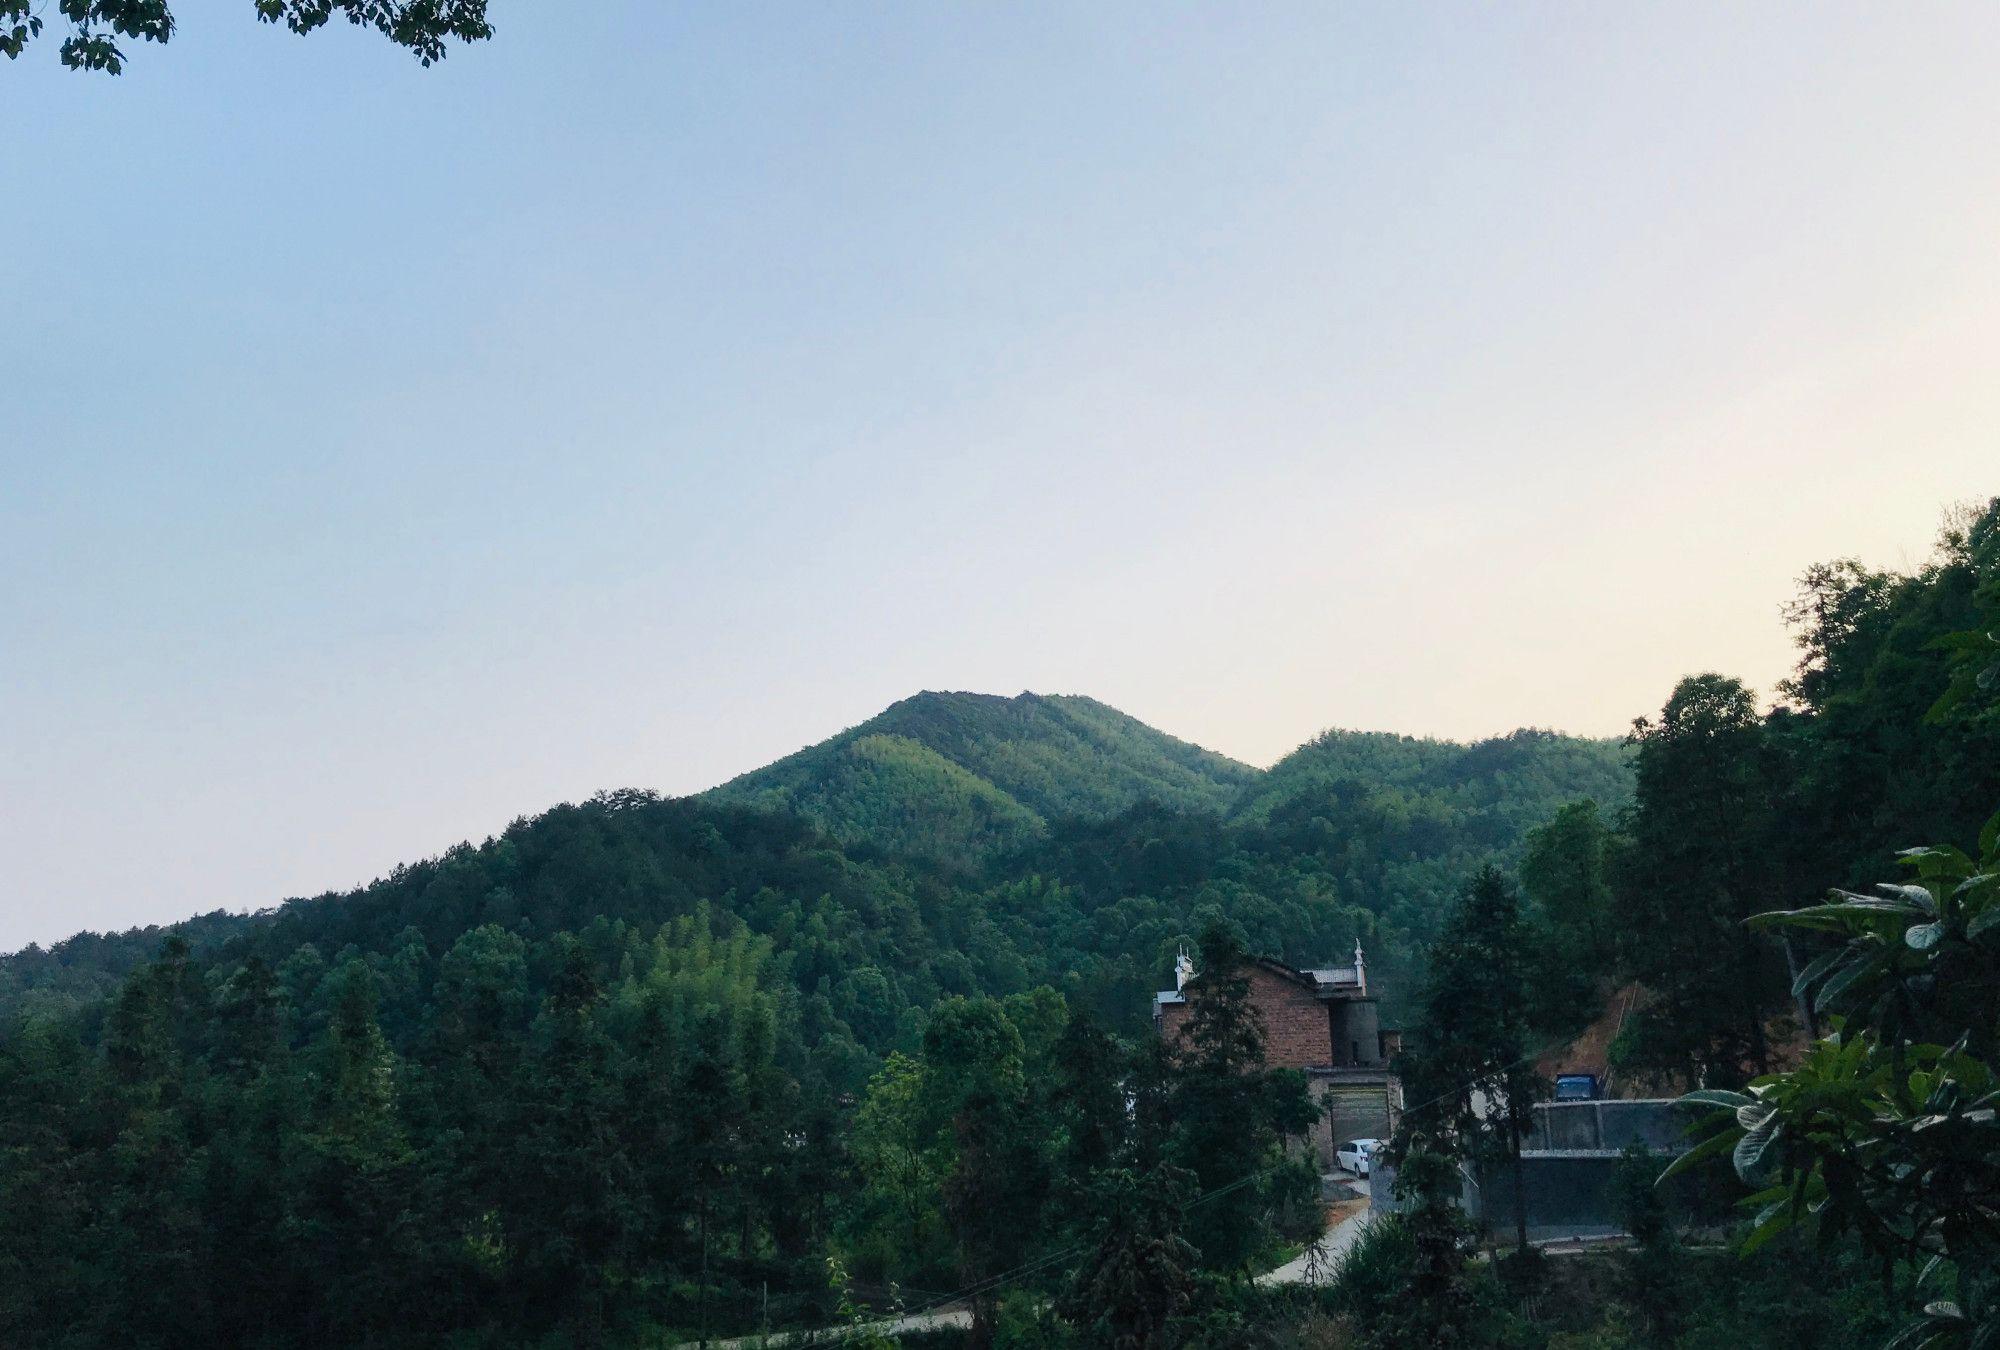 曾国藩故居白玉堂的高眉山